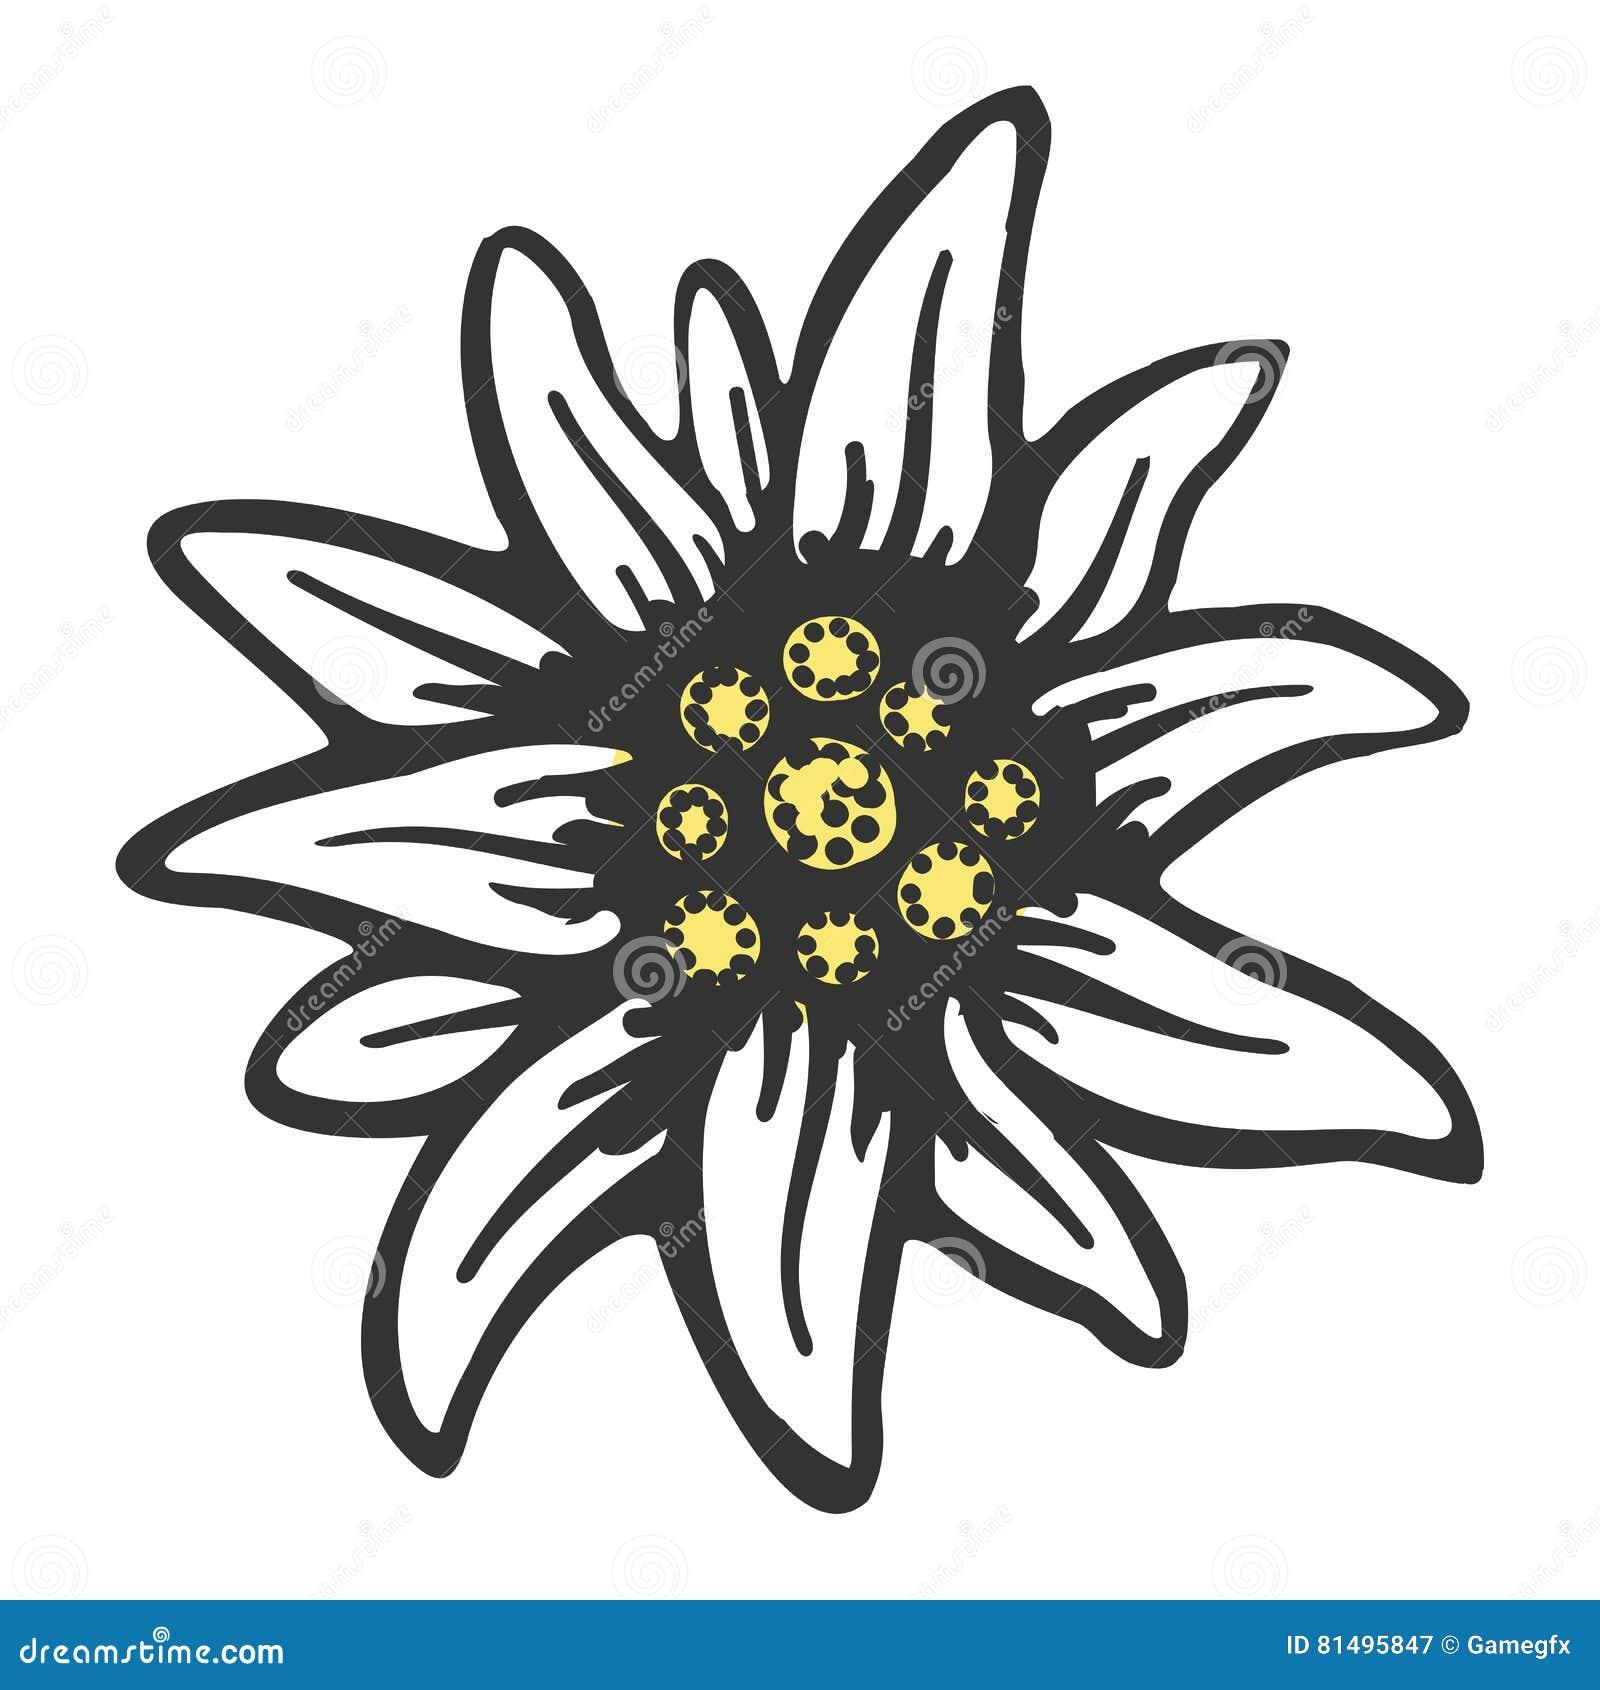 Coloriage Fleur Edelweiss.Modele Dessin Edelweiss Fleur